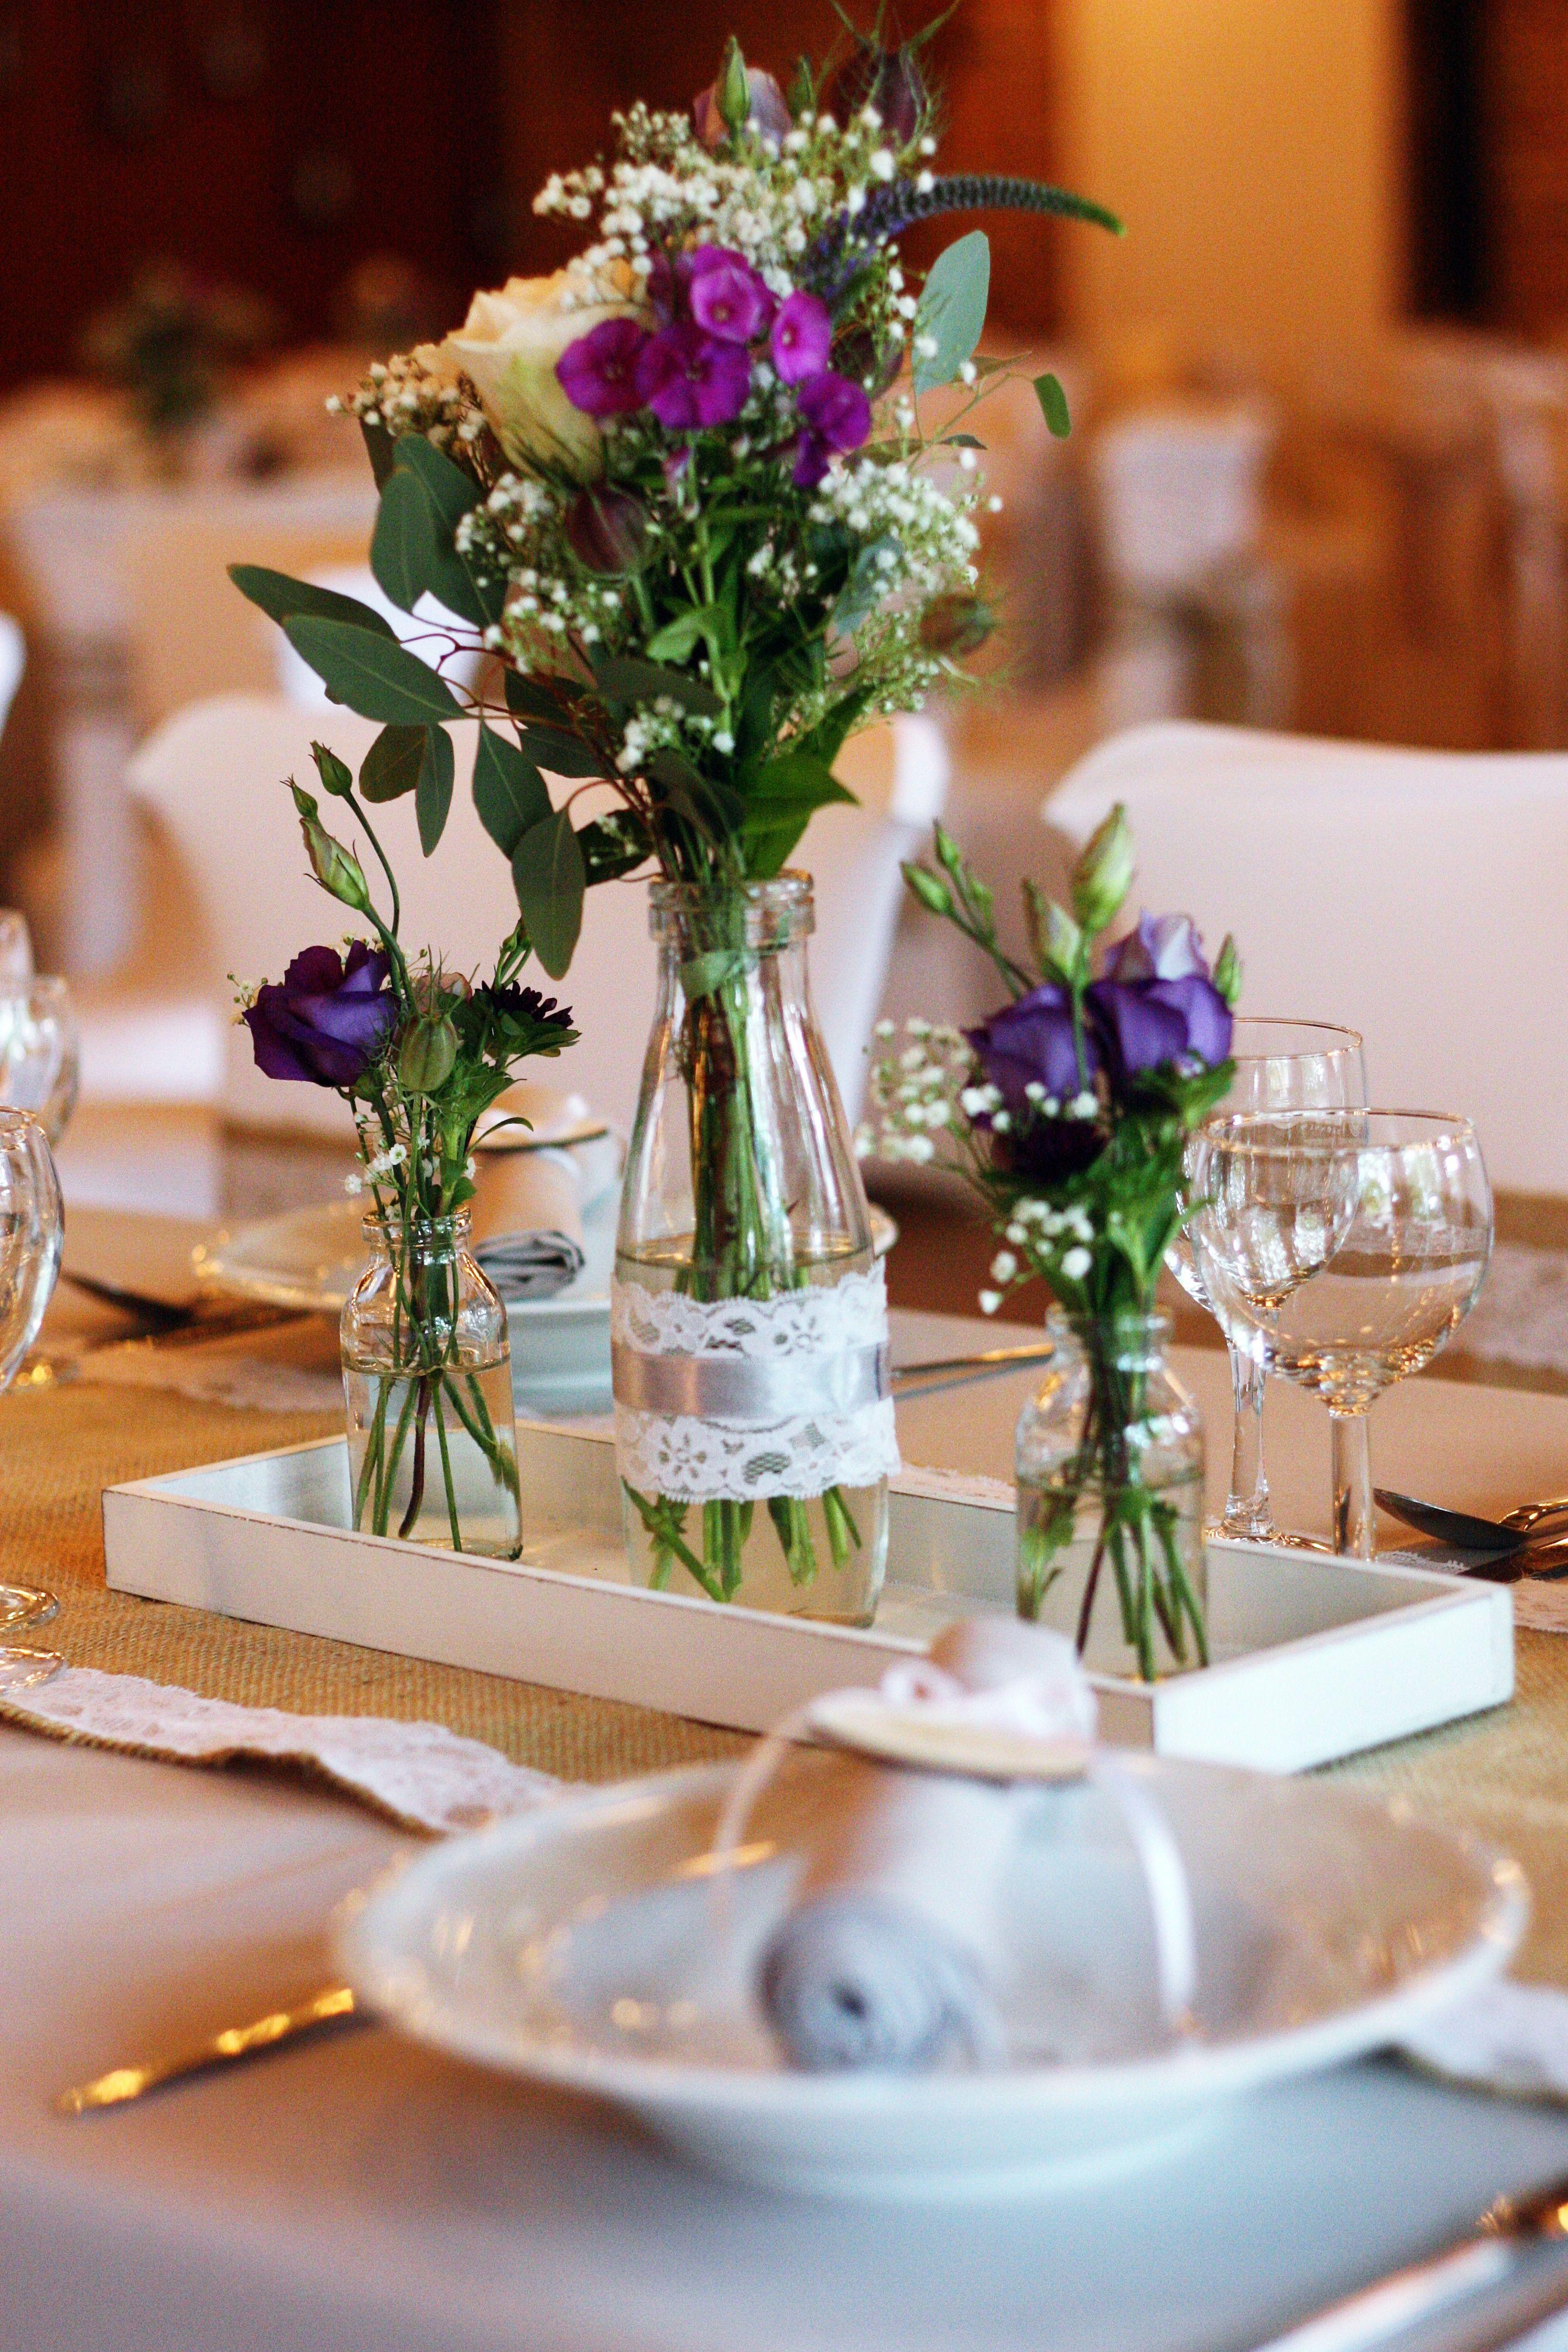 Tischdekoration Hochzeitsdekoration Graue Tischdecken Vintage Jutelaufer Lila Blumen Sp Hochzeit Deko Tisch Hochzeitsdekoration Tischdekoration Hochzeit Blumen